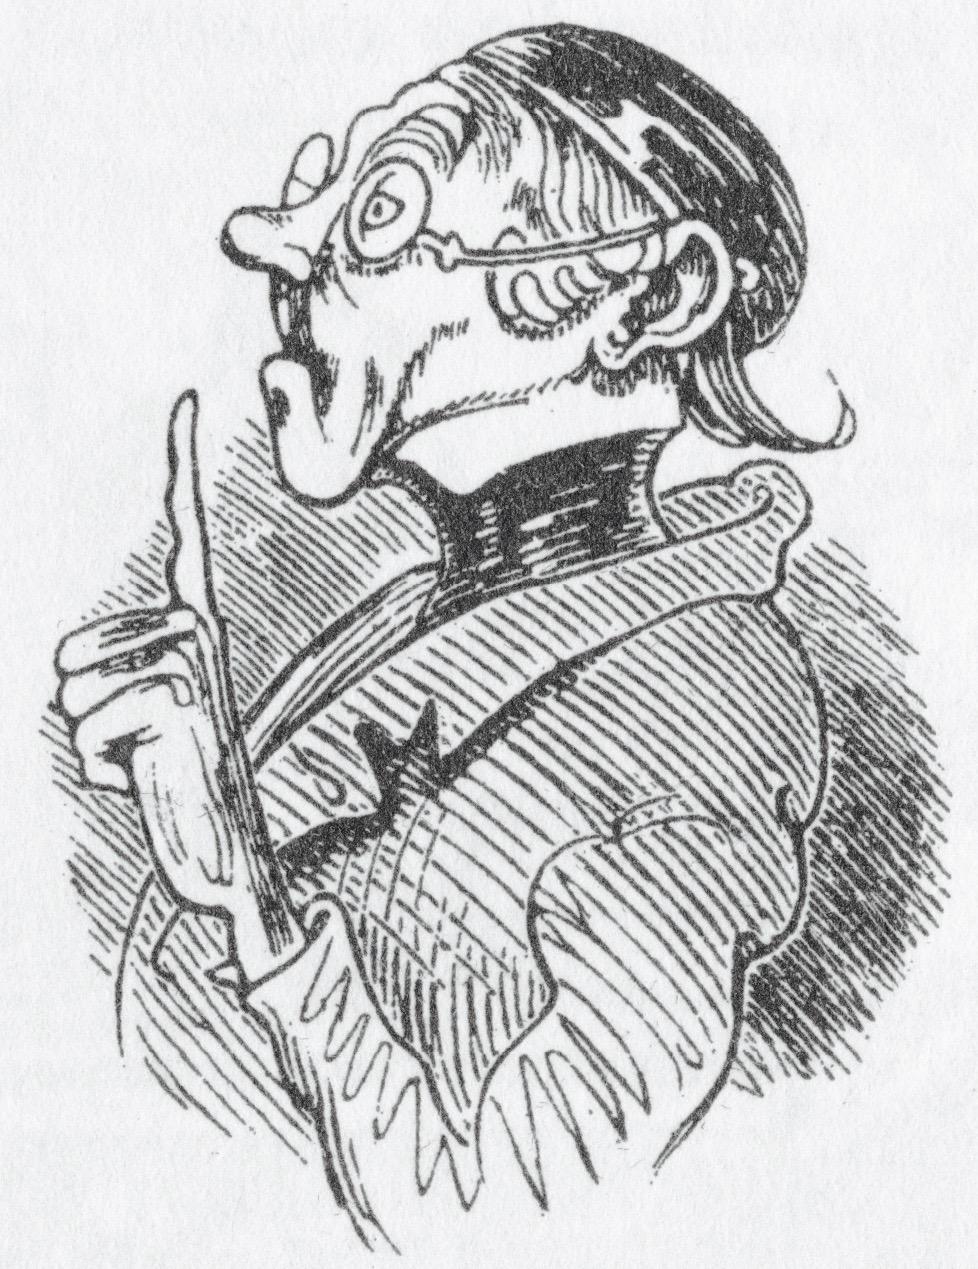 Wilhelm busch gedichte also lautet beschluss